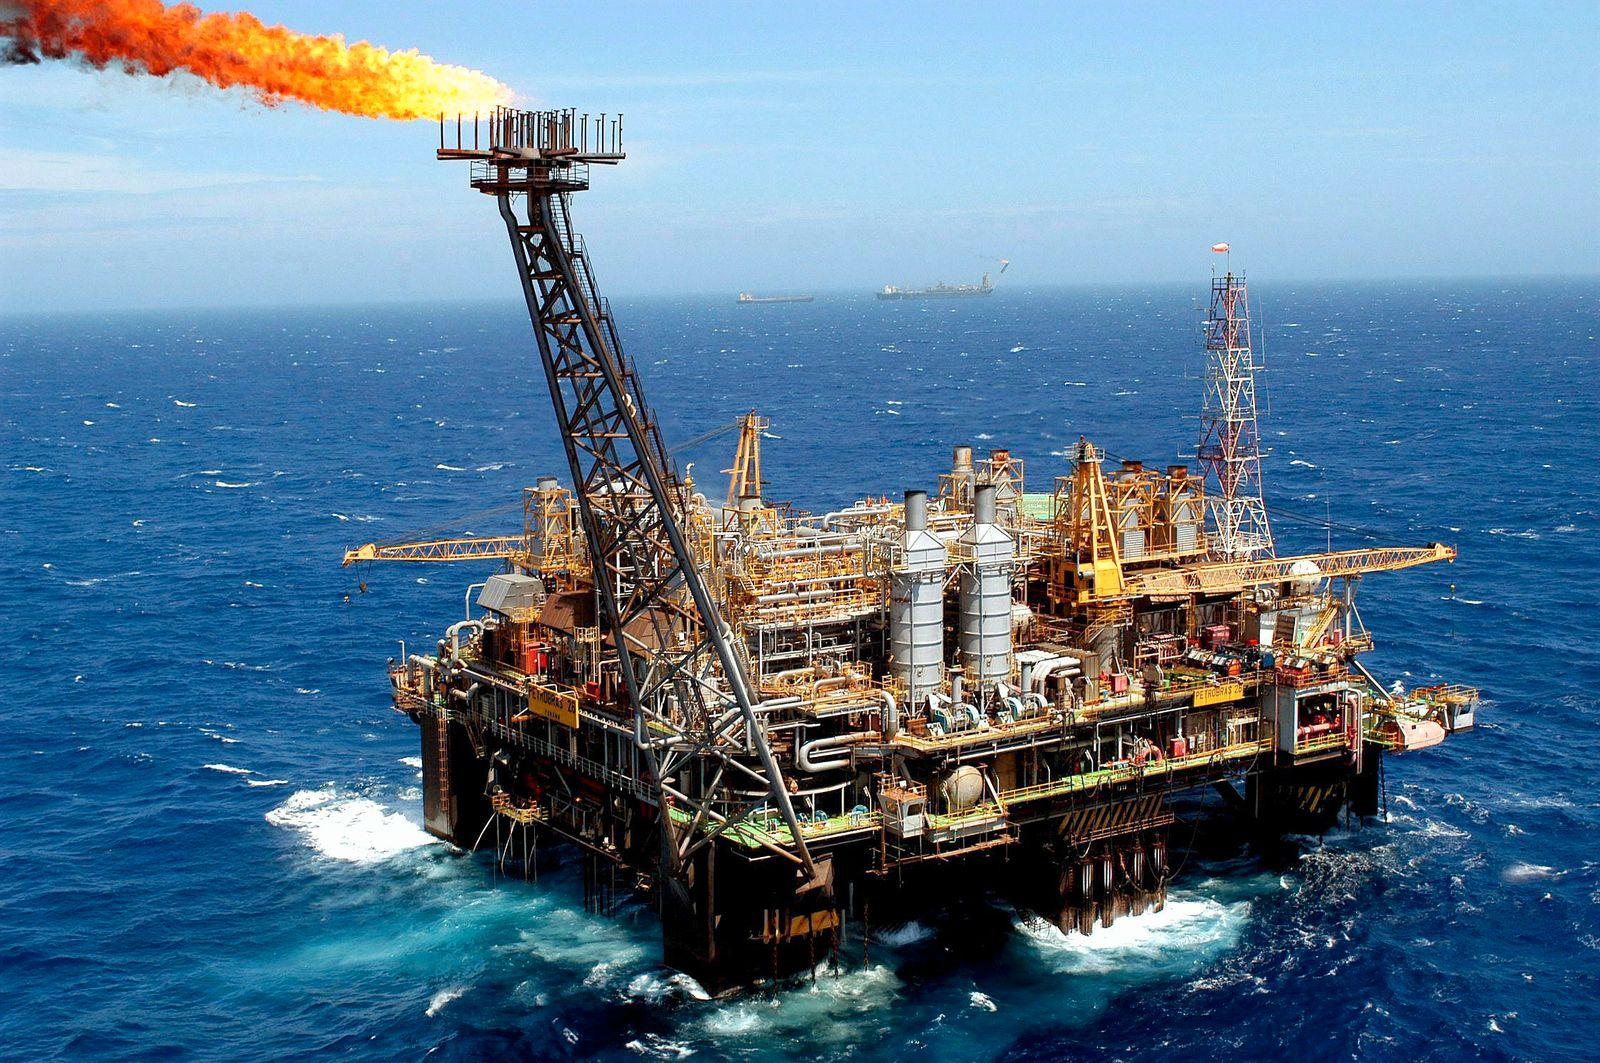 Ölpreise weiter unter Druck - Sorge vor Wirtschaftsabschwung